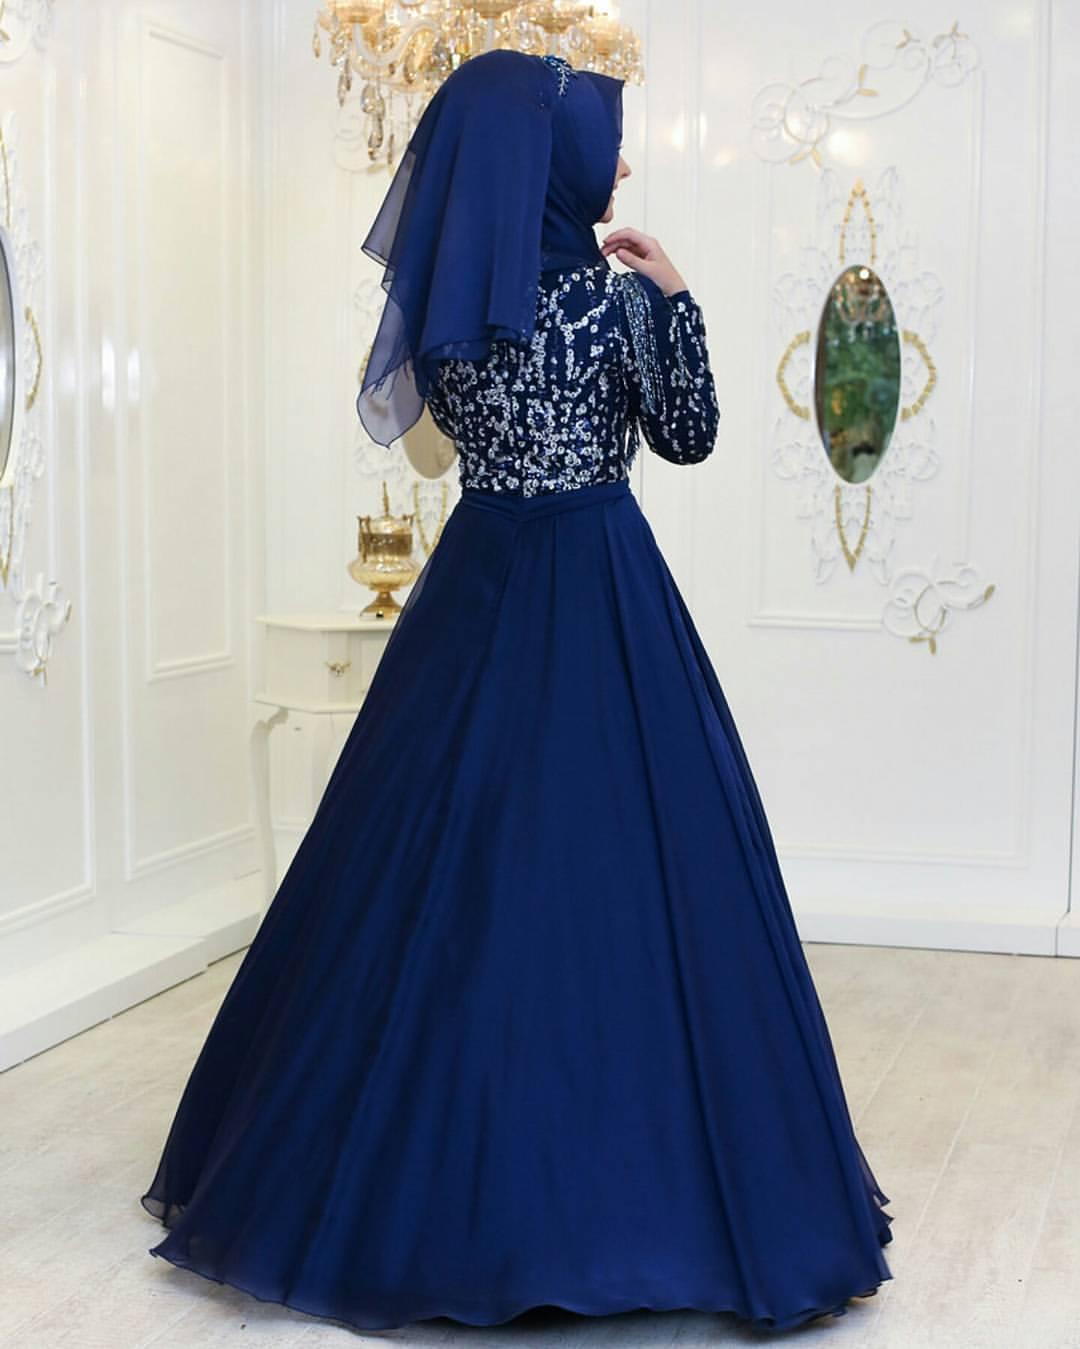 Pinarsems Abiye Modelleri 29 - 2018 Pınar Şems Abiye Modelleri